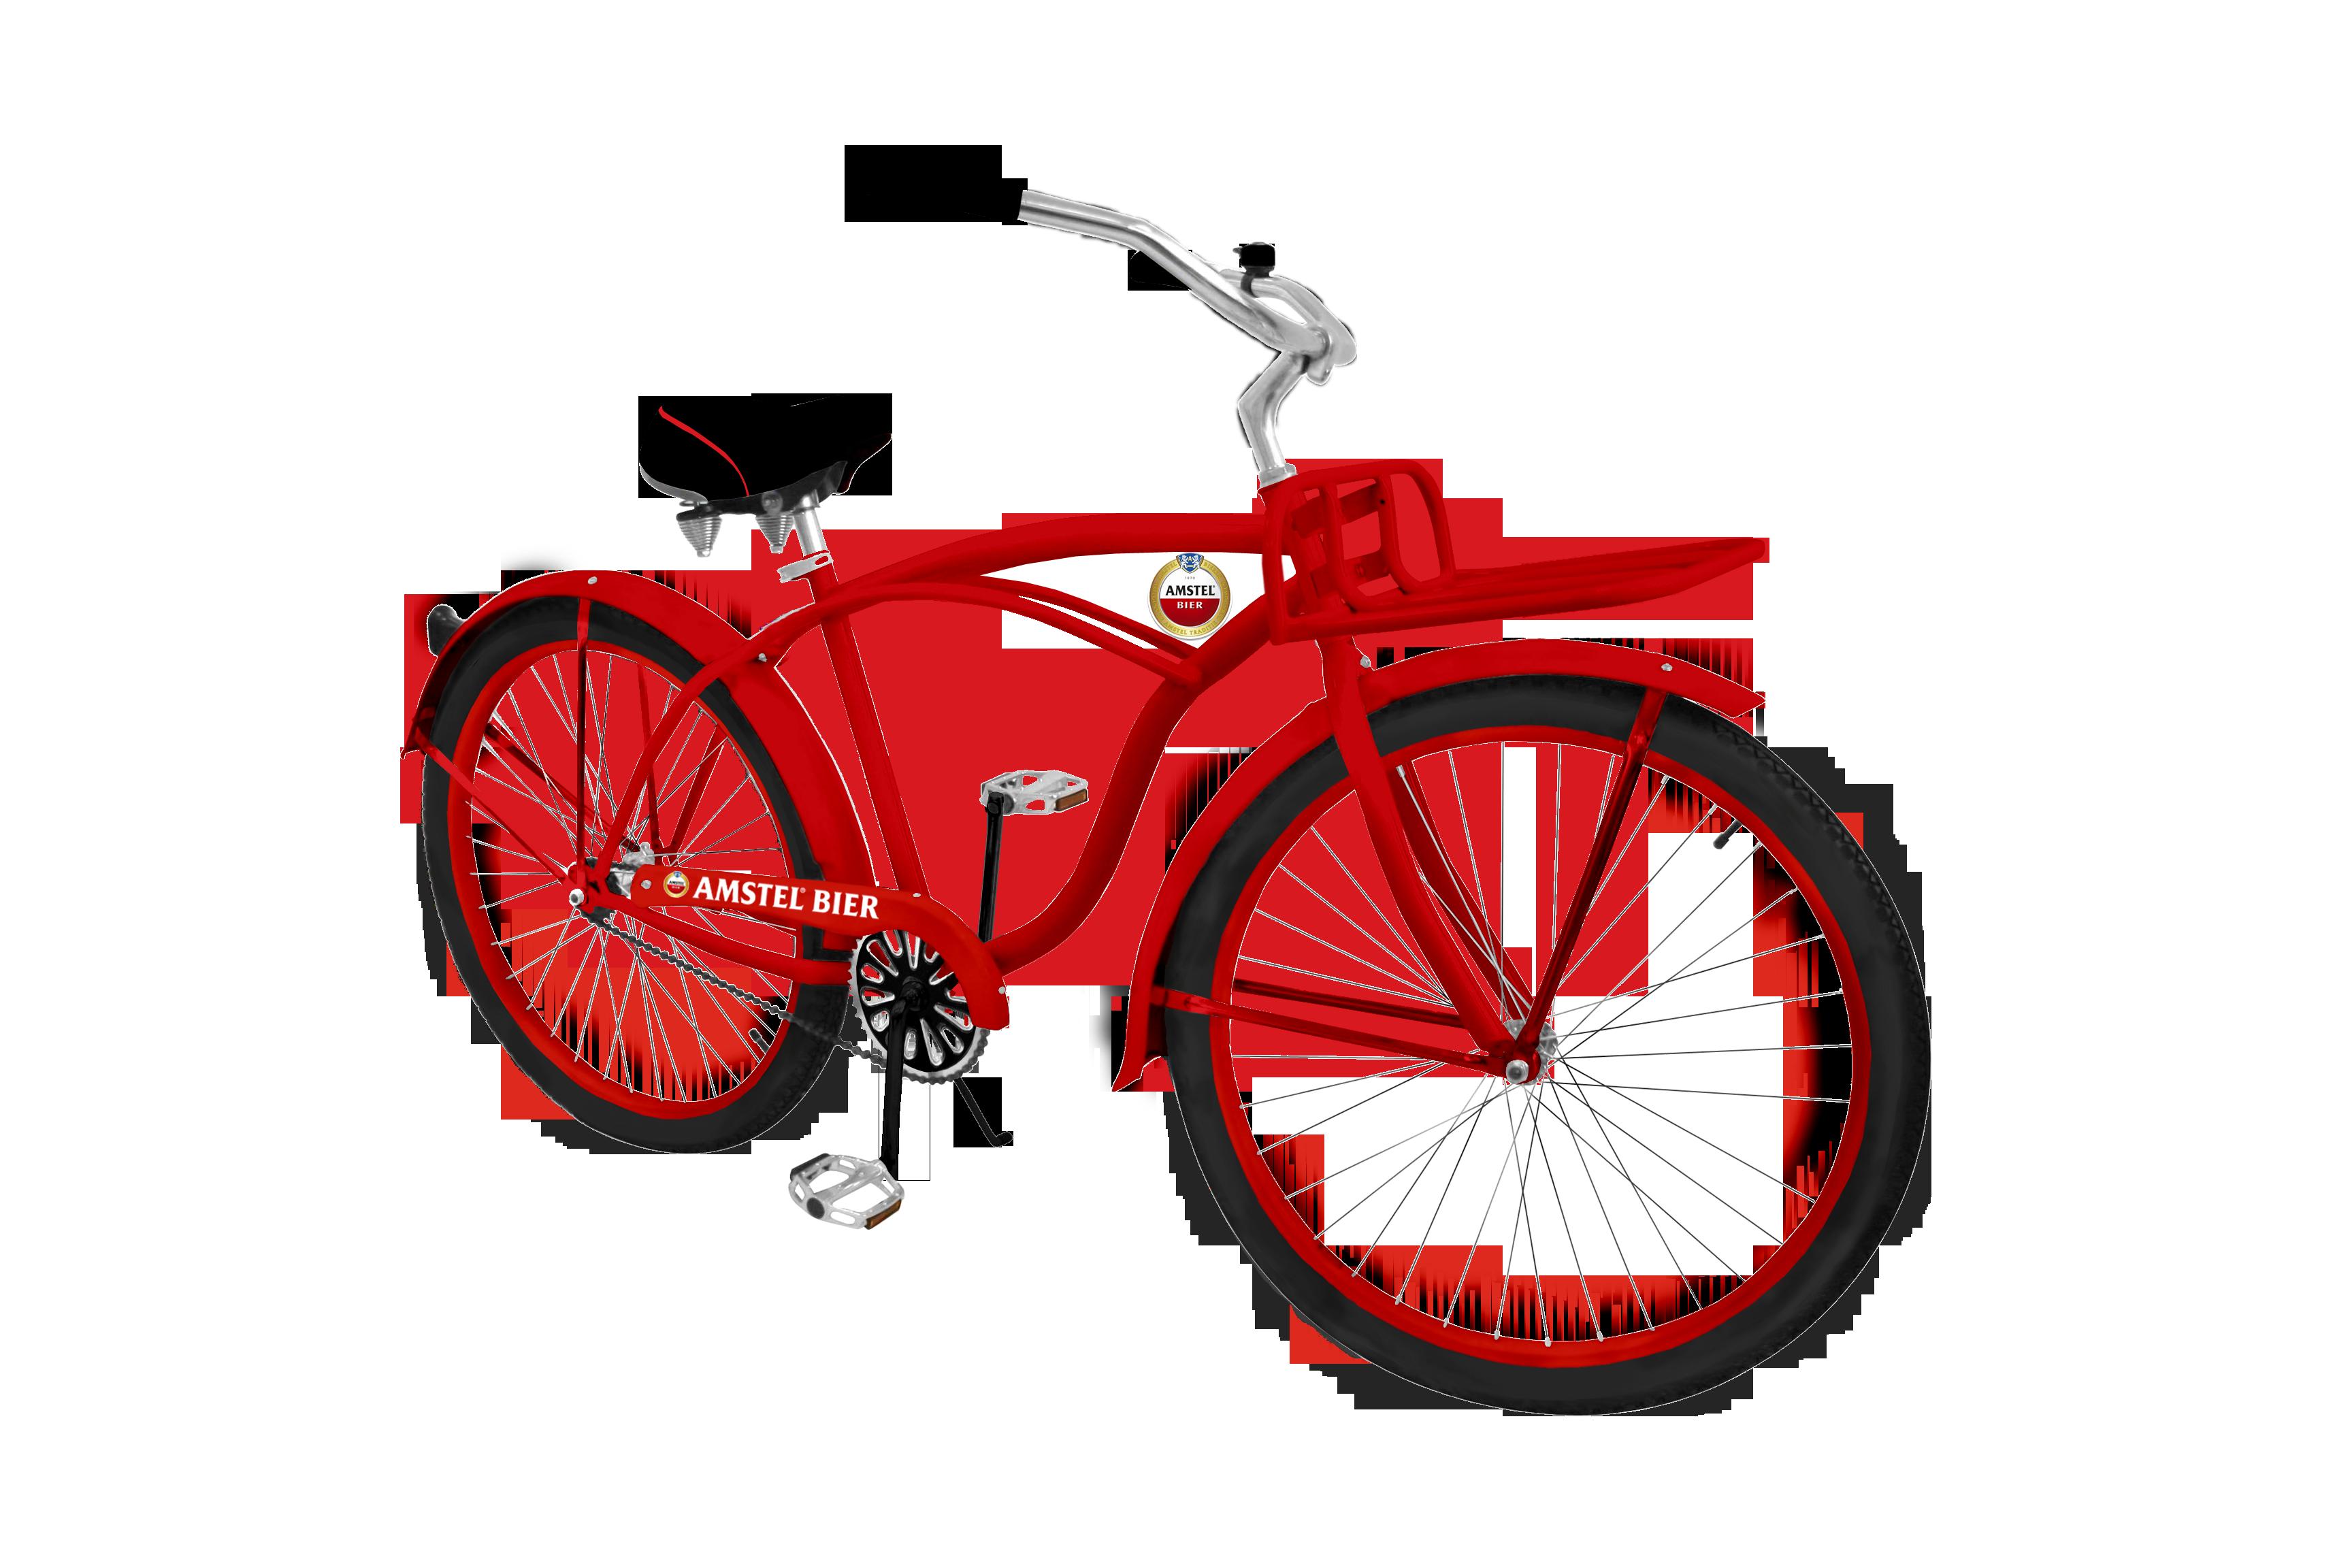 Salitos Fatbike produziert und designt von Fresh iD Products